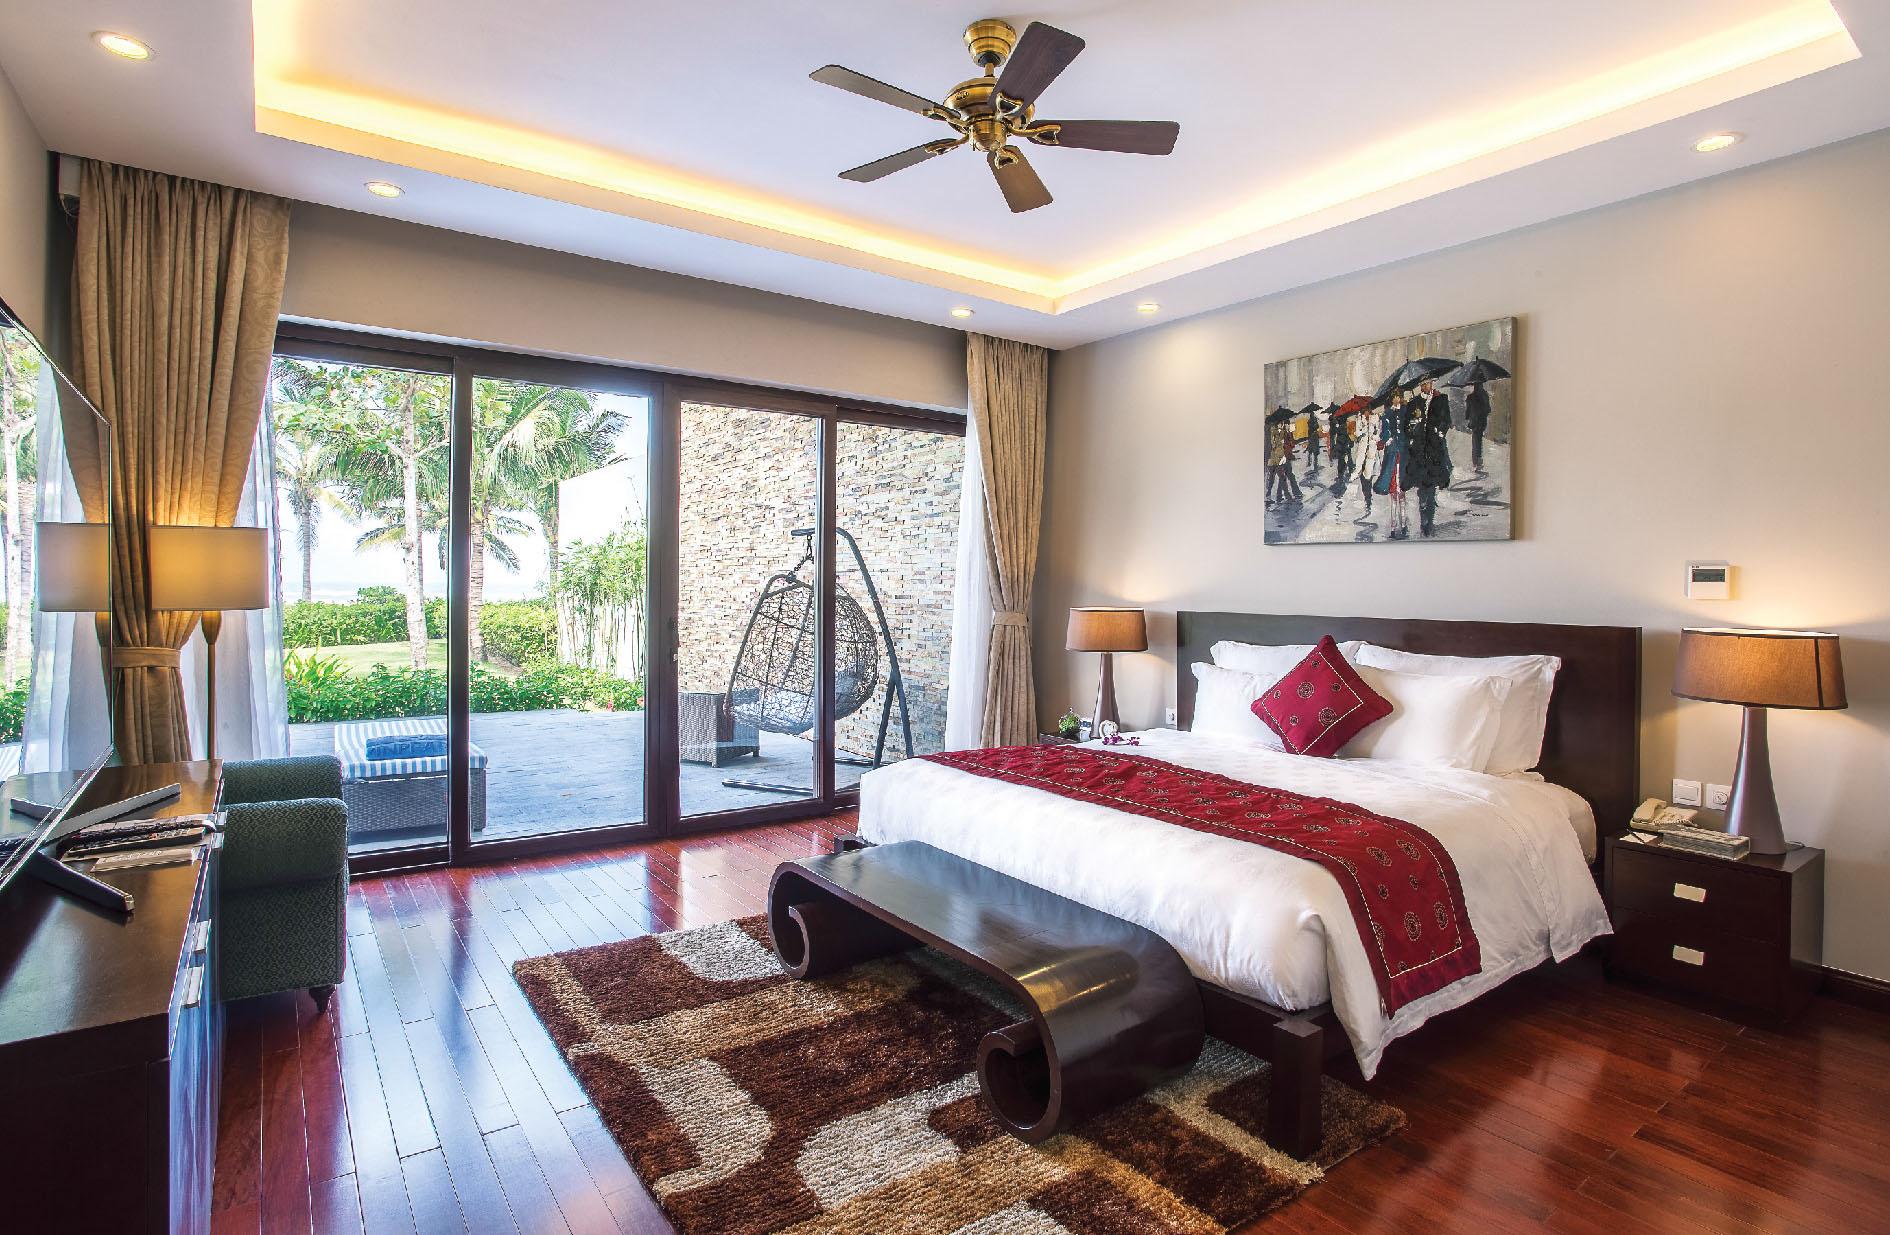 Phòng ngủ ấm áp, trang nhã theo lối kiến trúc tân cổ điển tại biệt thự Vinpearl Paradise Villas